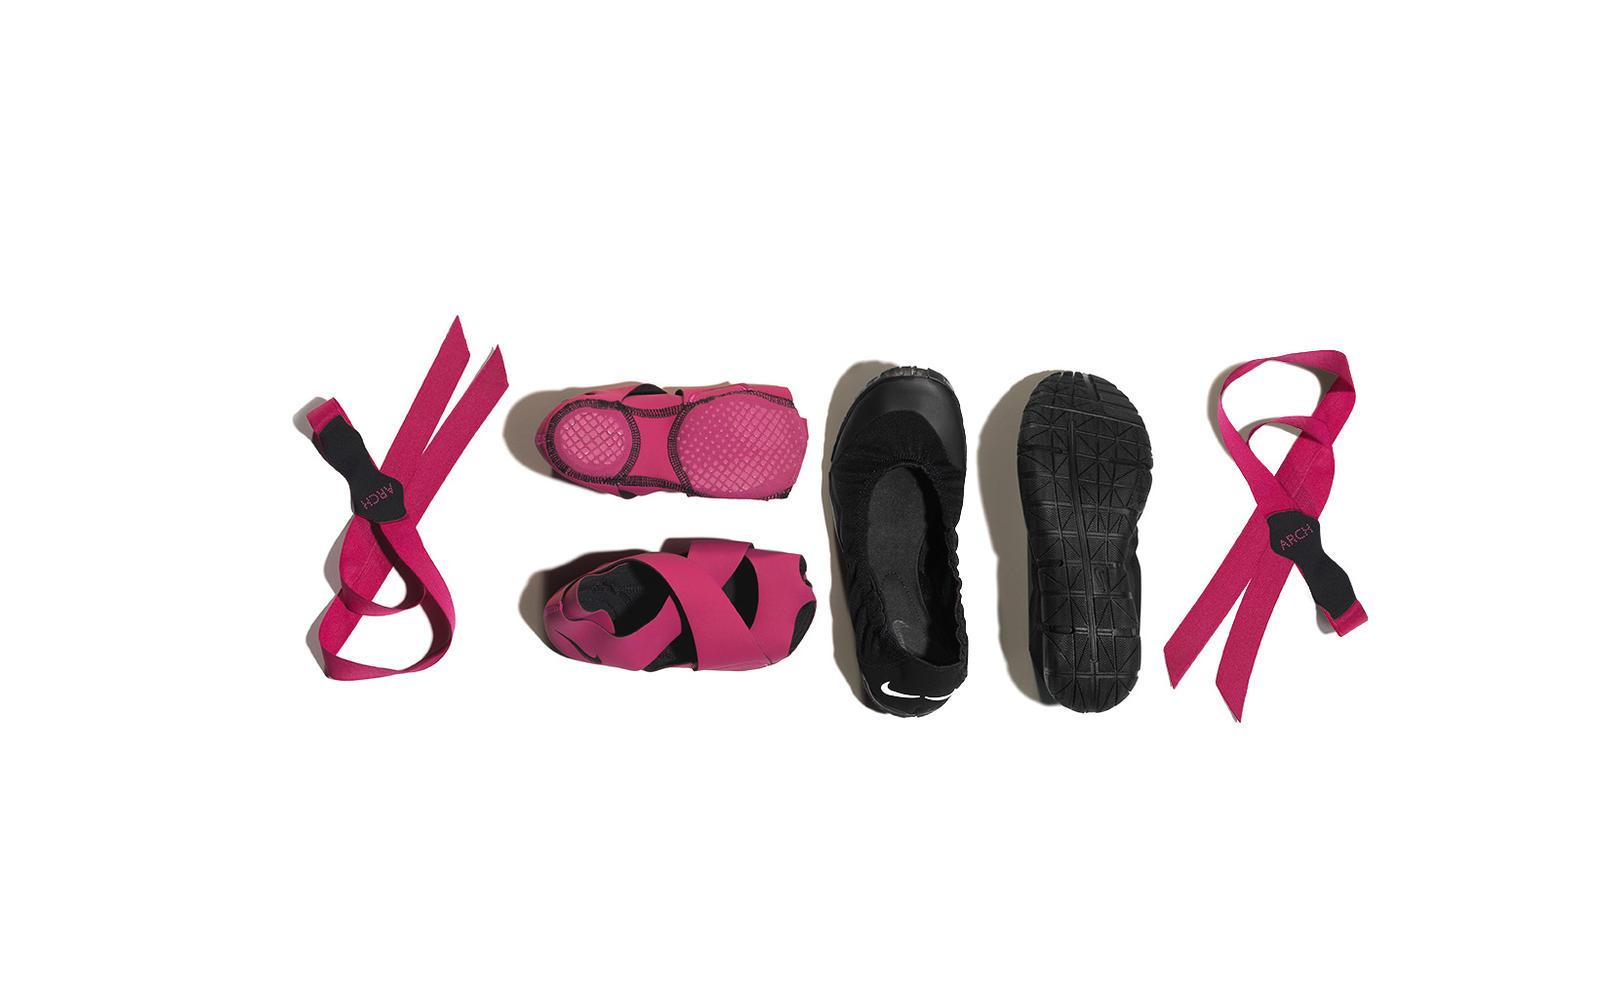 N0wpxn8ok Yoga Billig Schuhe Yoga N0wpxn8ok Billig Nike Yoga Billig Nike Schuhe Nike O0wPnk